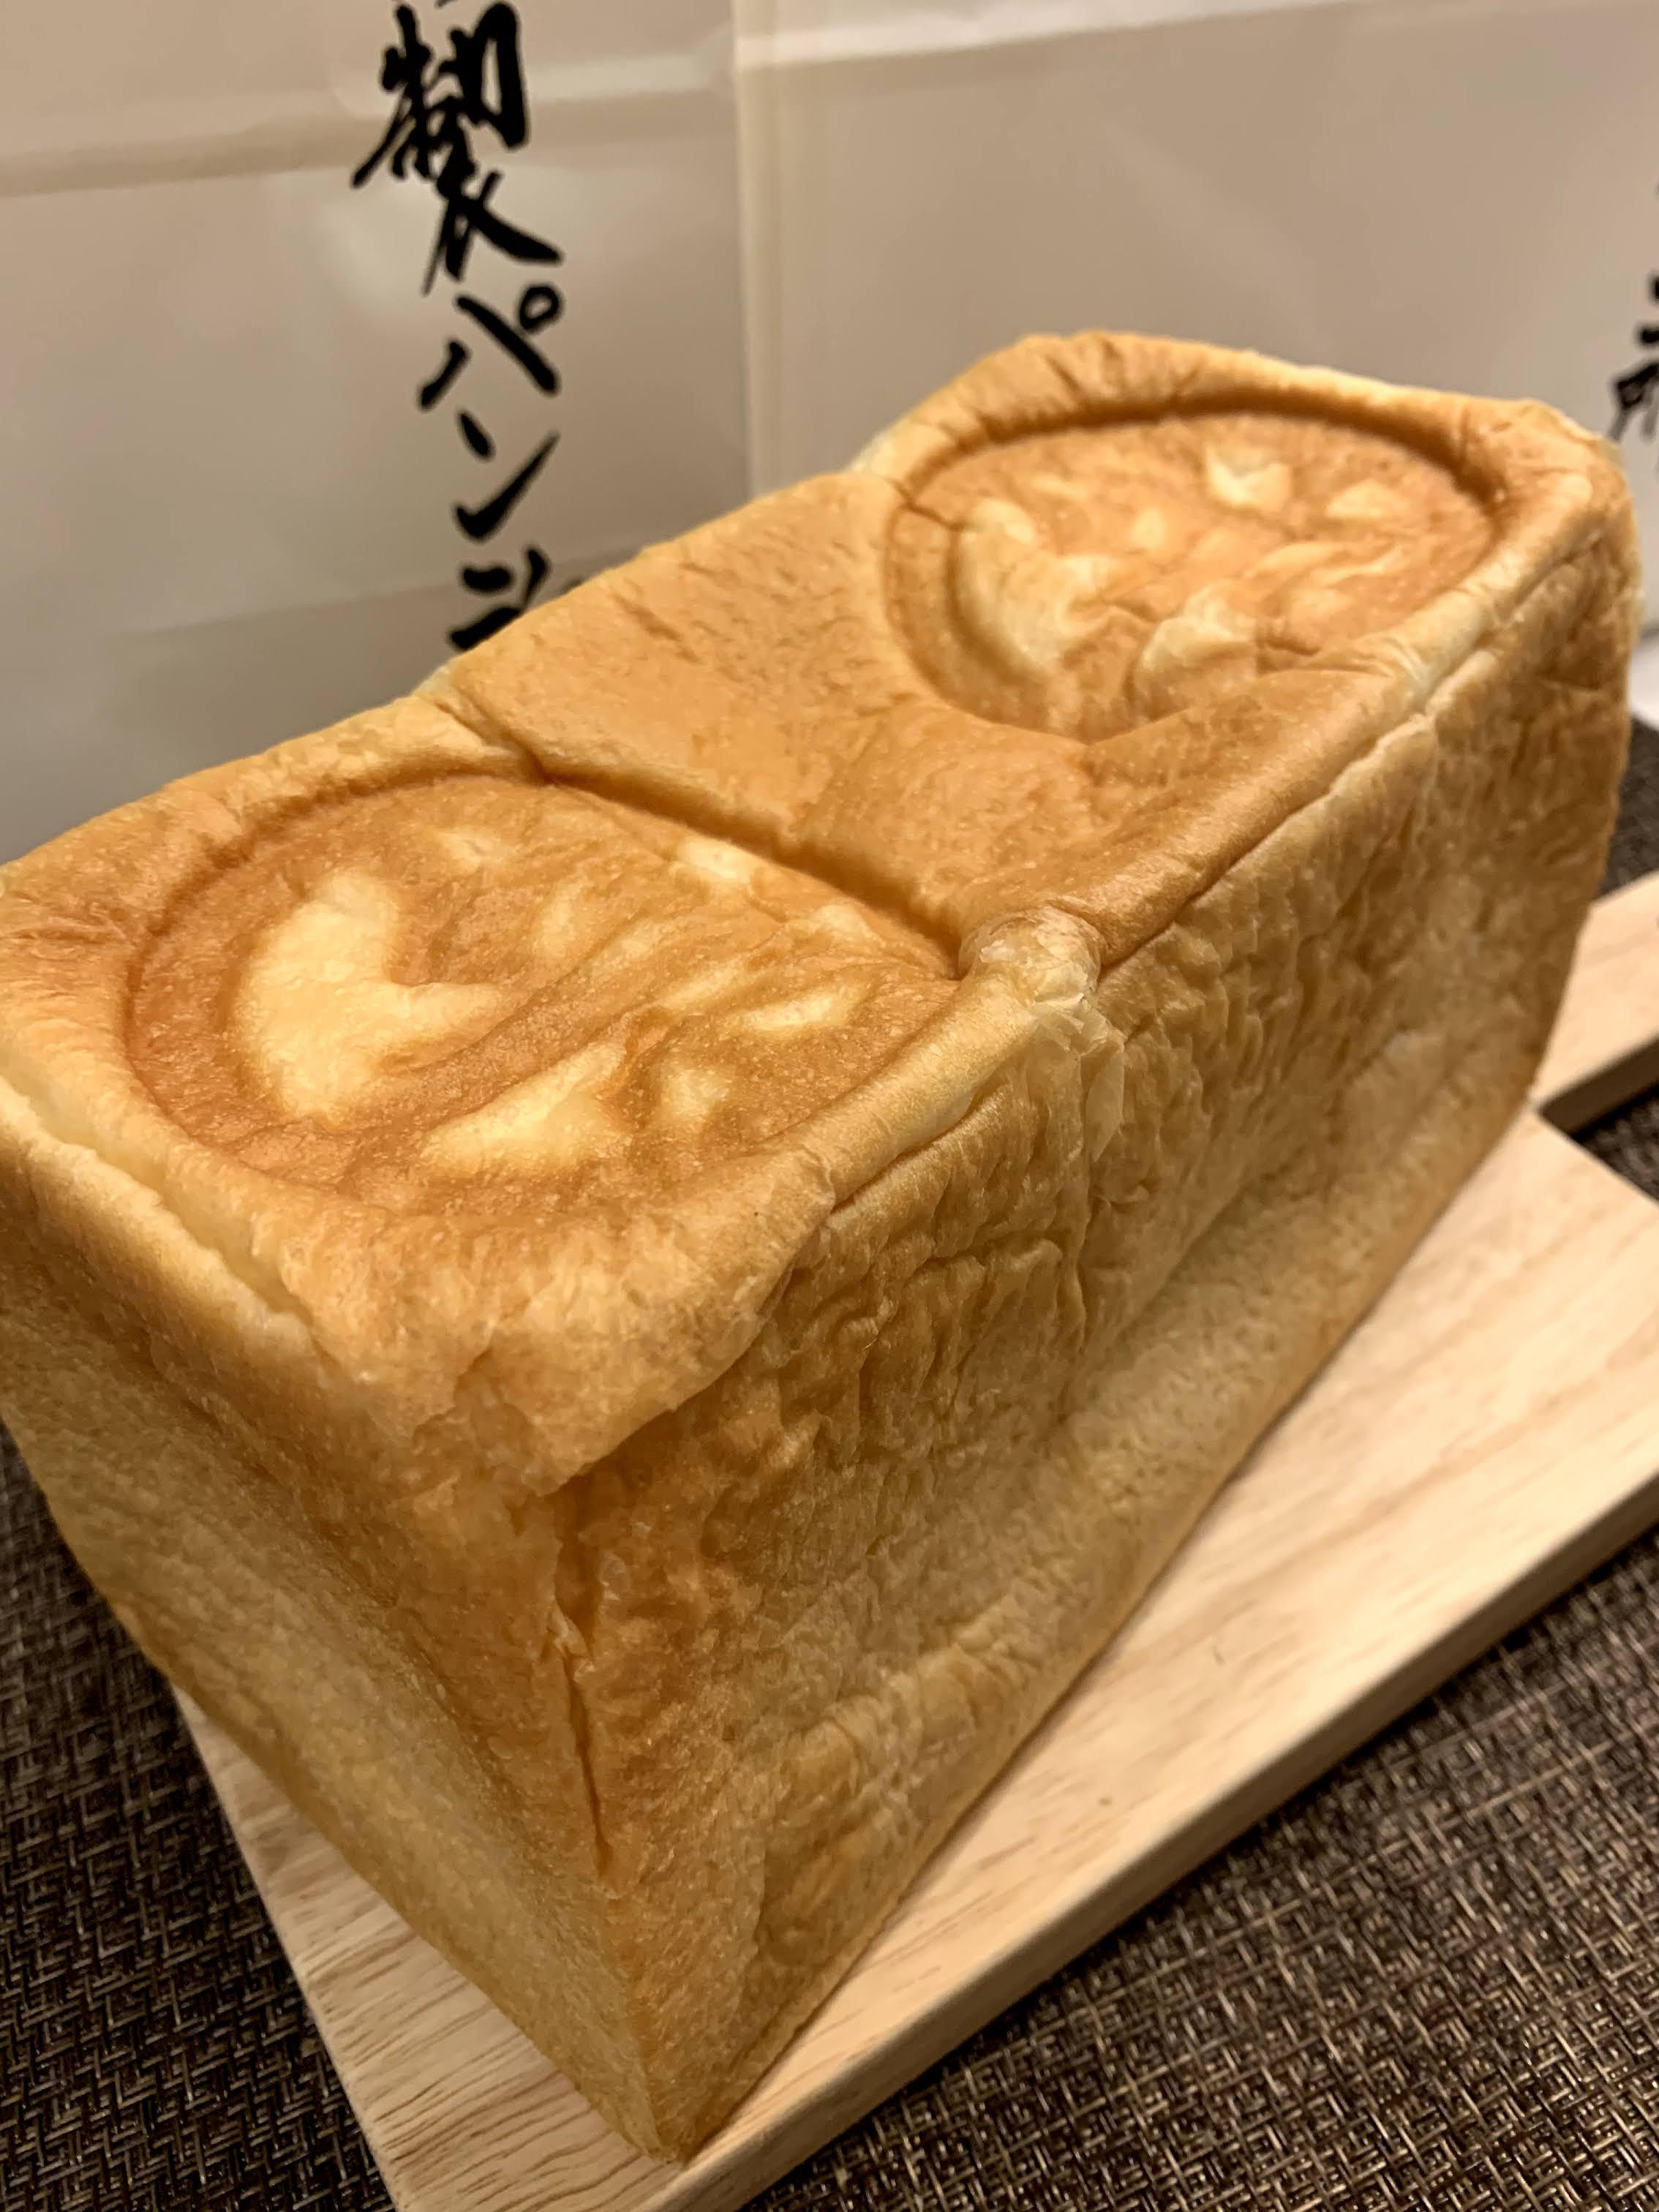 """新出製パン所の食パン""""加賀極""""は美味しい?食パン専門店レビュー"""